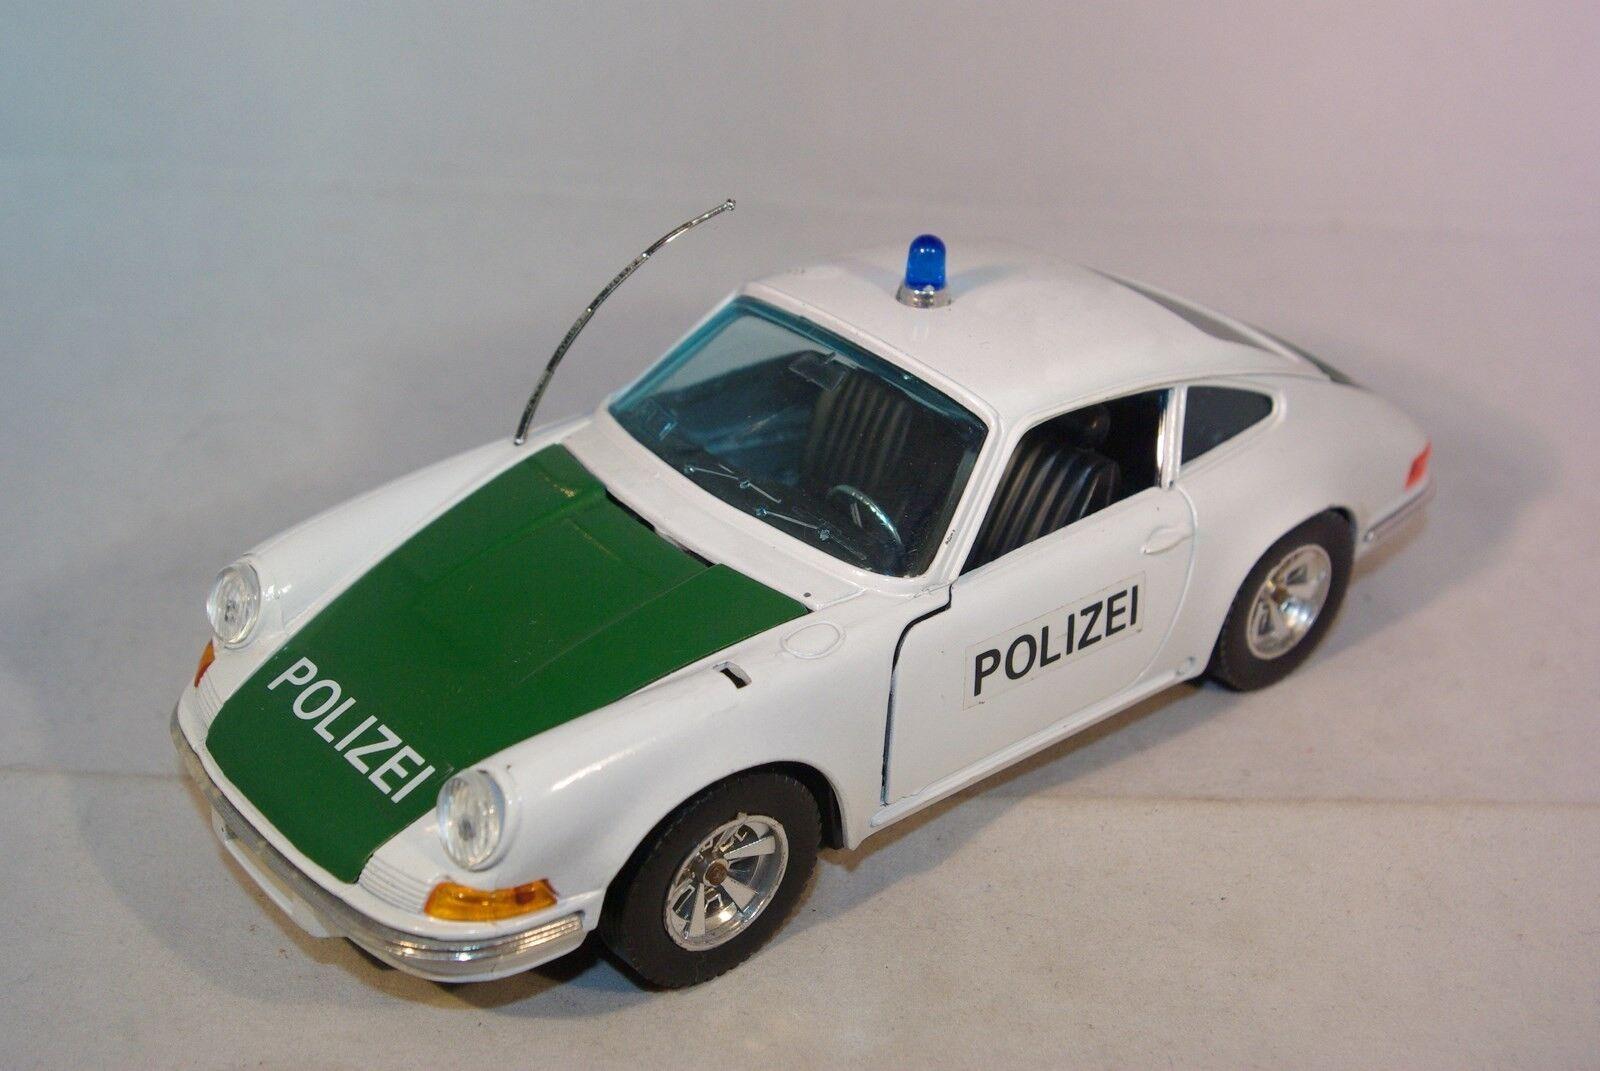 BBURAGO BURAGO MARTOYS 102 PORSCHE 911 POLIZEI NEAR MINT RARE SELTEN RARO